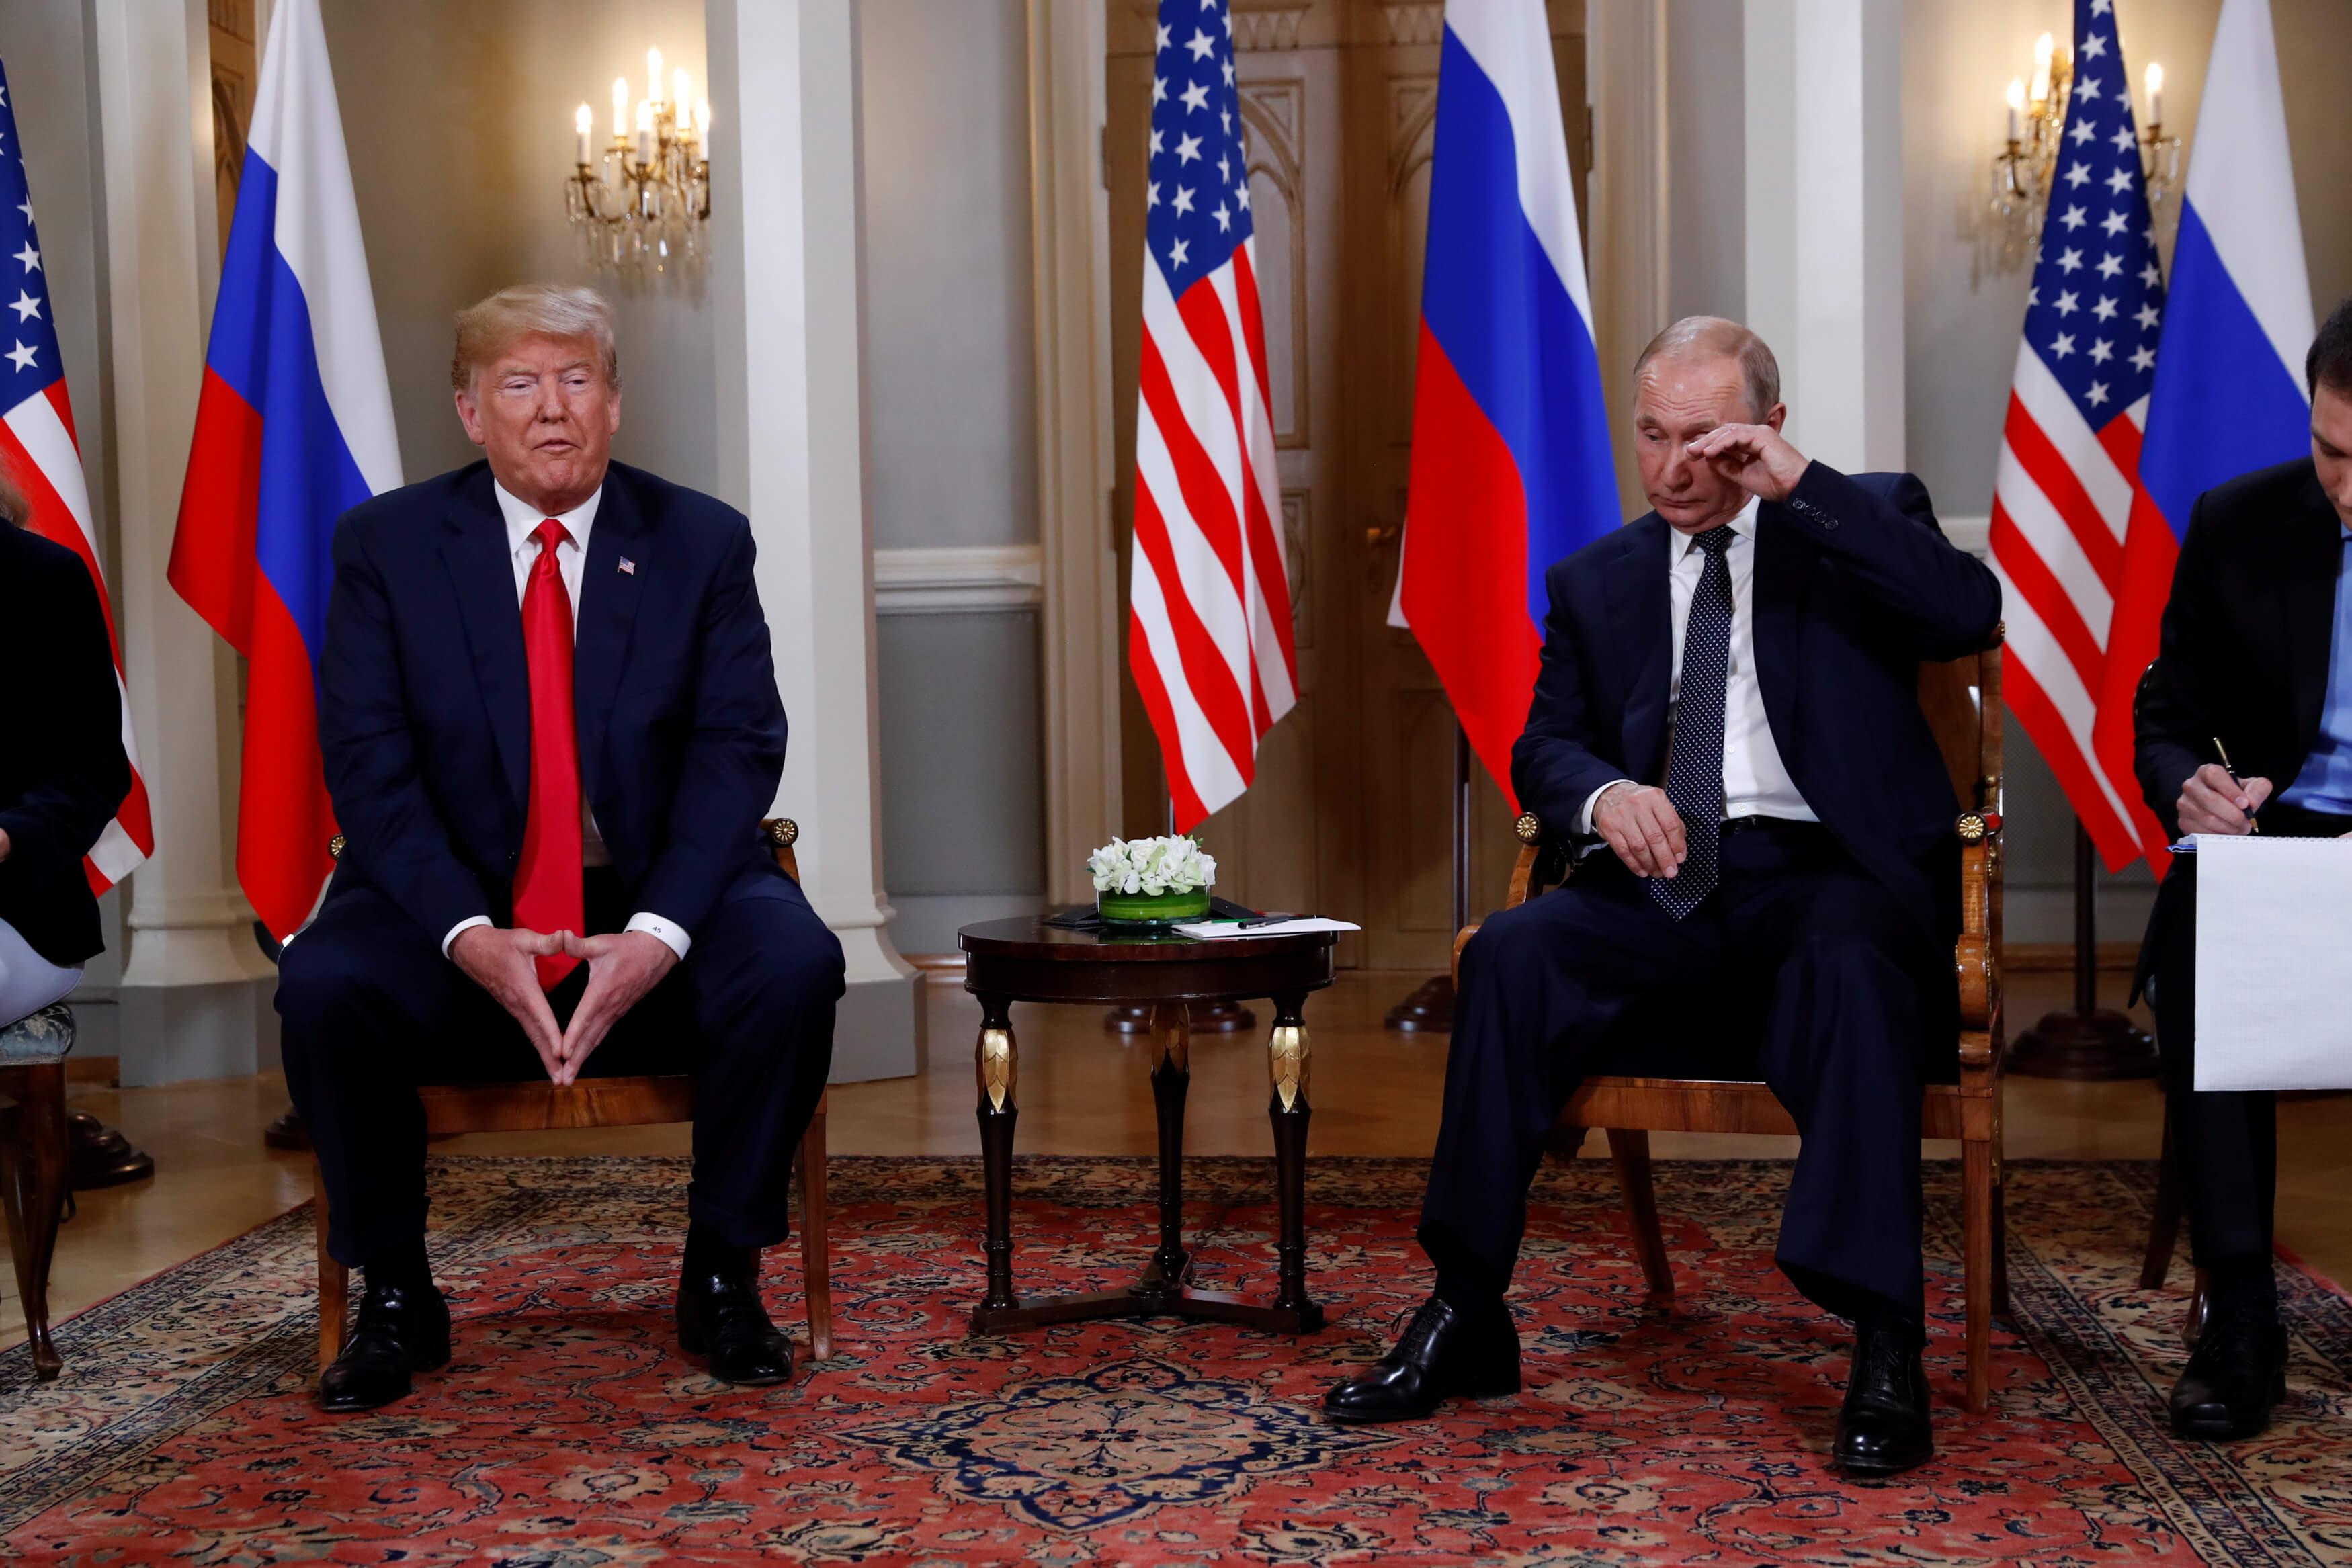 Χολή Πούτιν πριν από τη συνάντηση με Τραμπ: Οι σχέσεις Ρωσίας - ΗΠΑ γίνονται όλο και χειρότερες